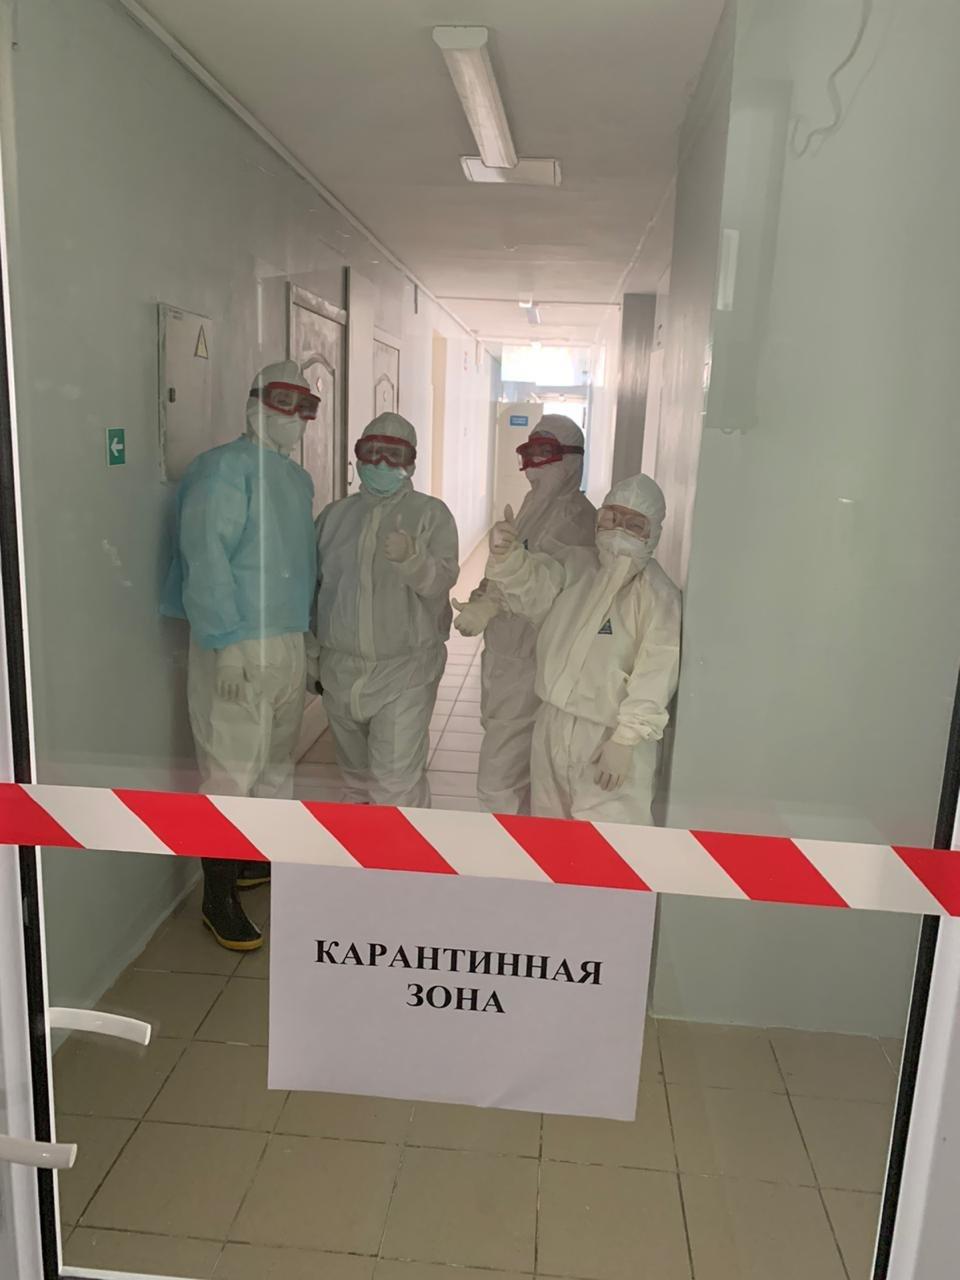 Ляззат Есенгалиева: в Мангистауской области развернуто 135 коек на случай больных COVID-19 , фото-1